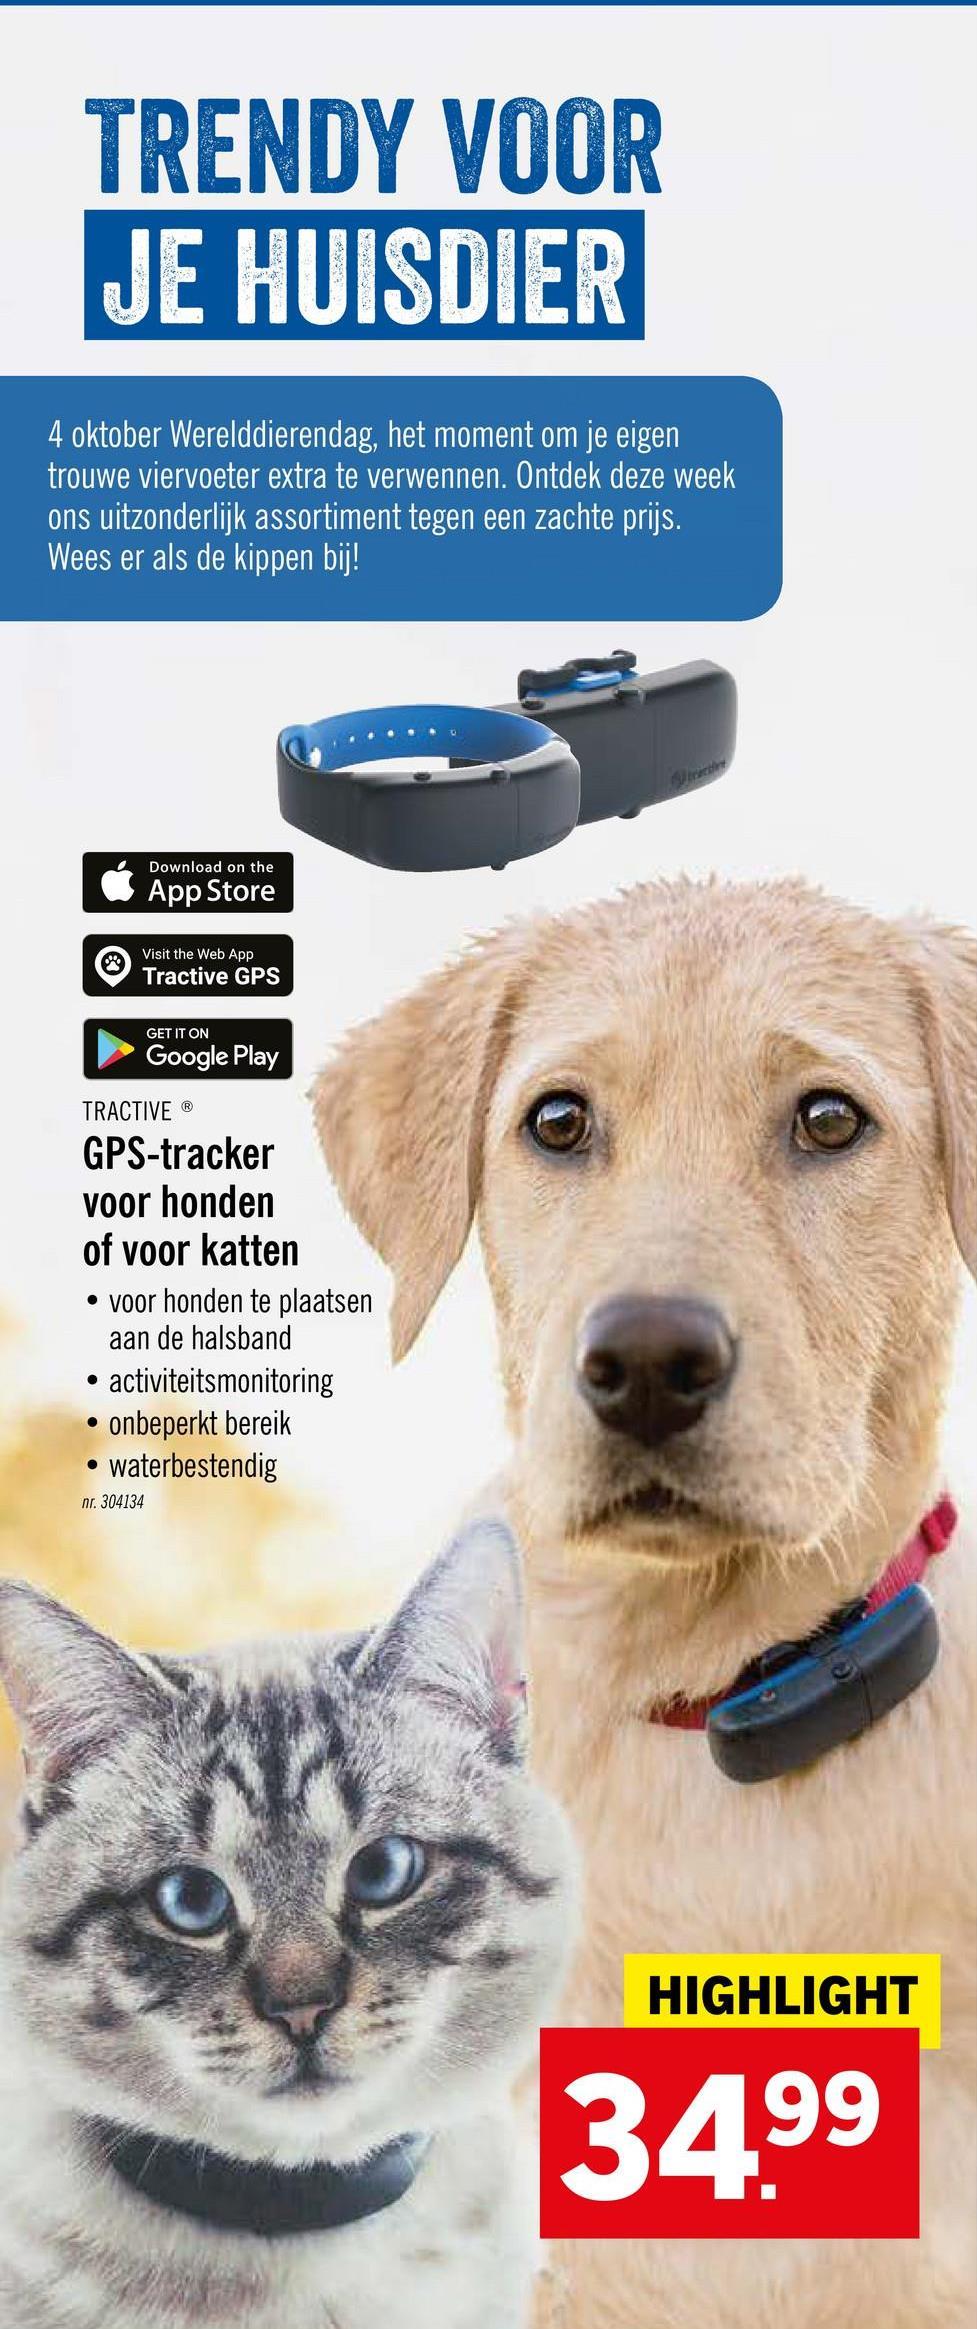 TRENDY VOOR JE HUISDIER 4 oktober Werelddierendag, het moment om je eigen trouwe viervoeter extra te verwennen. Ontdek deze week ons uitzonderlijk assortiment tegen een zachte prijs. Wees er als de kippen bij! Download on the App Store Visit the Web App Tractive GPS GET IT ON Google Play TRACTIVE GPS-tracker voor honden of voor katten • voor honden te plaatsen aan de halsband • activiteitsmonitoring • onbeperkt bereik • waterbestendig nr. 304134 HIGHLIGHT 3499